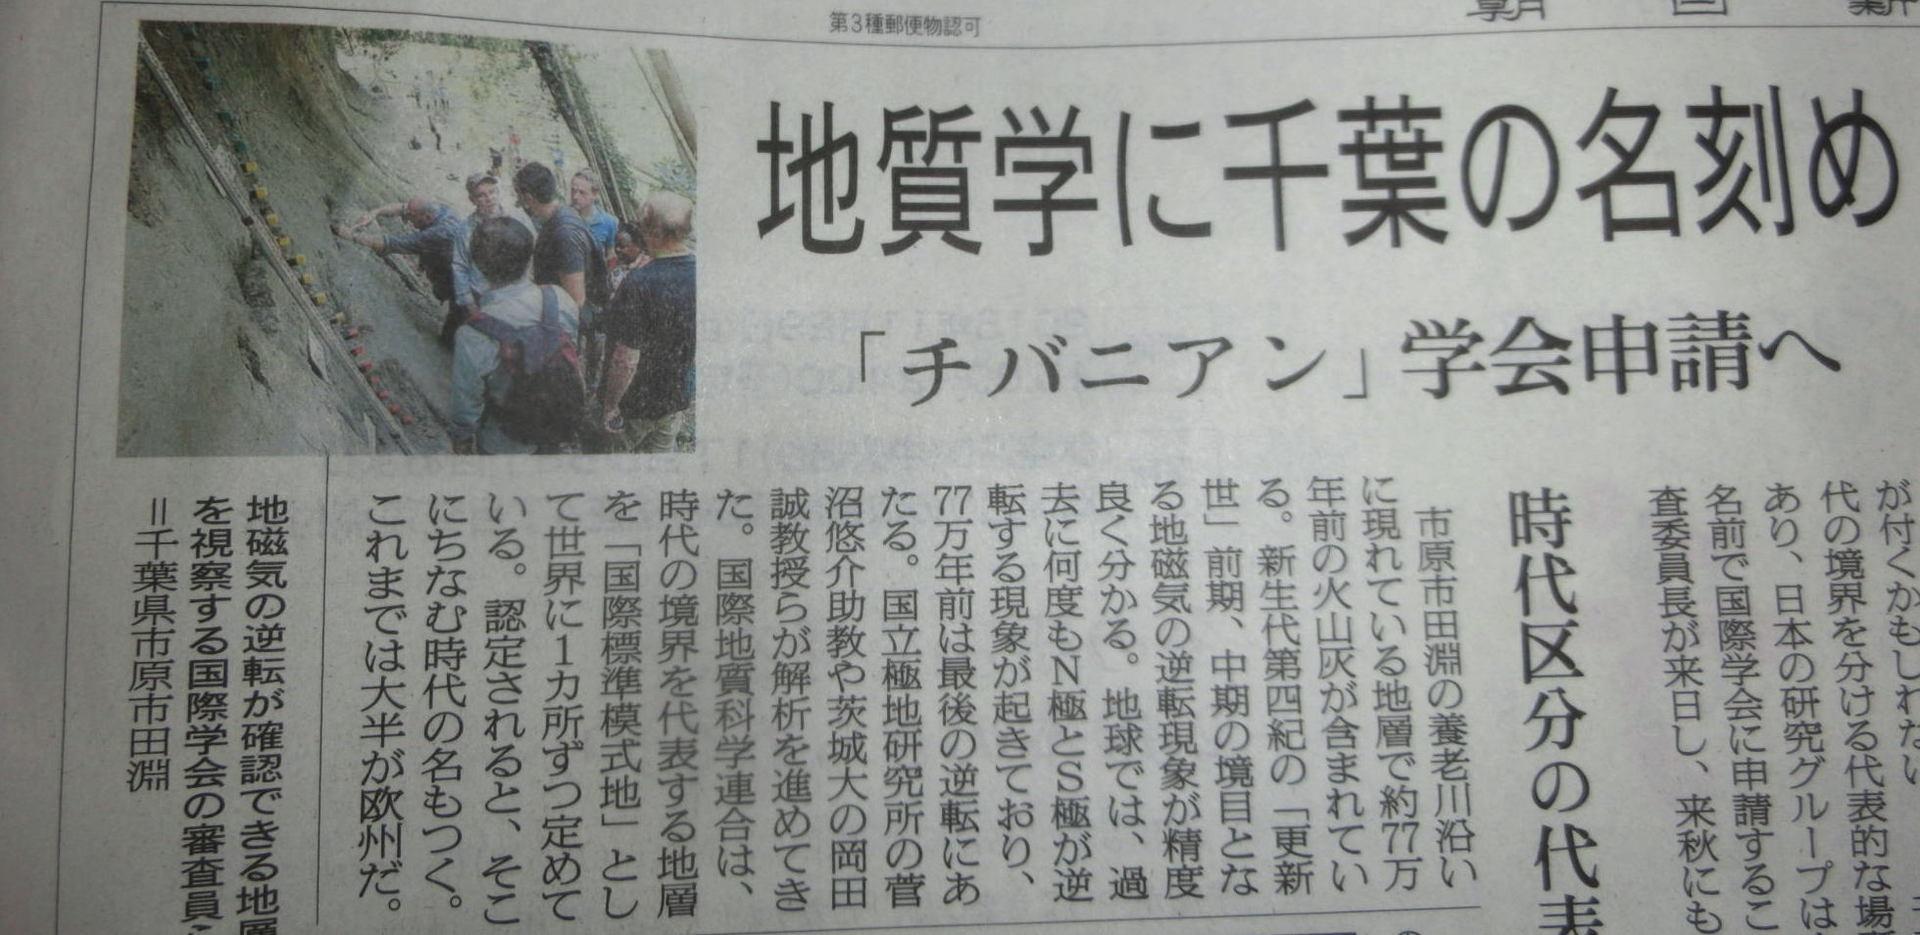 今日は市原市にある「地球の地磁気(N極とS極)が逆転した地層」を視察しました。 帰宅して手にした夕刊に、タイミングよく関連した記事が掲載されました。